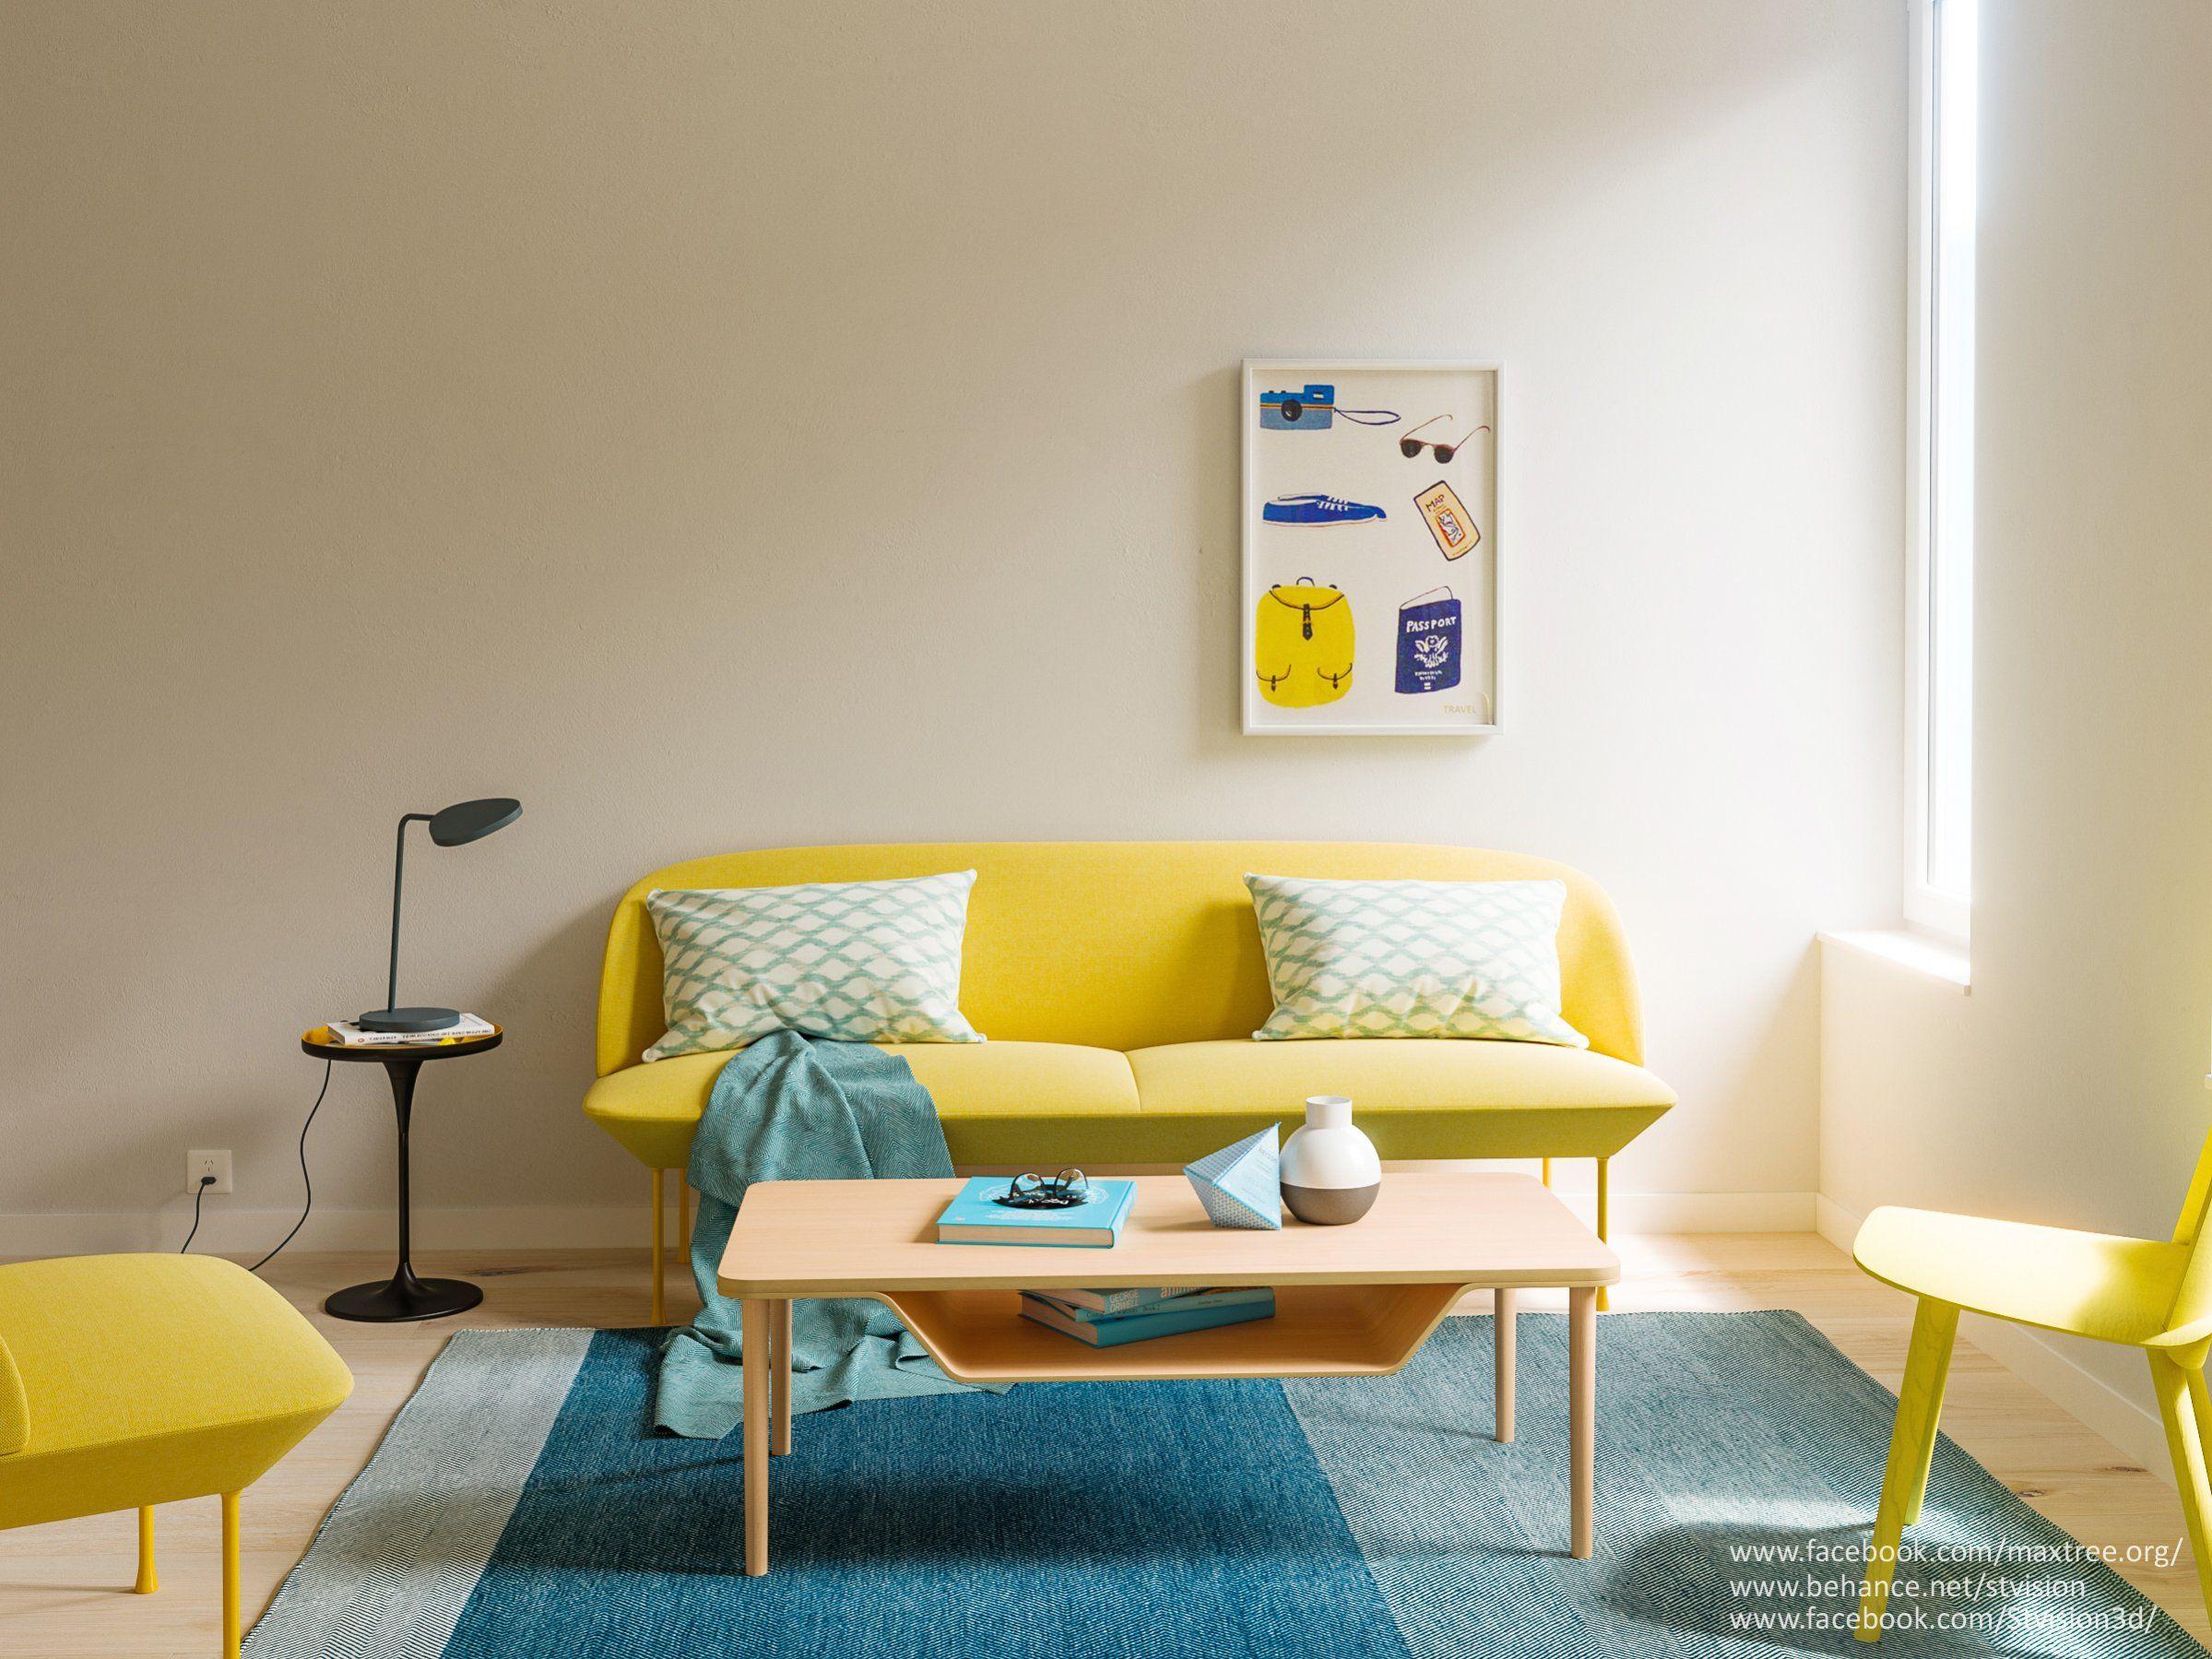 Muuto Sofa Oslo Google Search In 2020 Blue Living Room Living Room Designs Living Room Design Inspiration